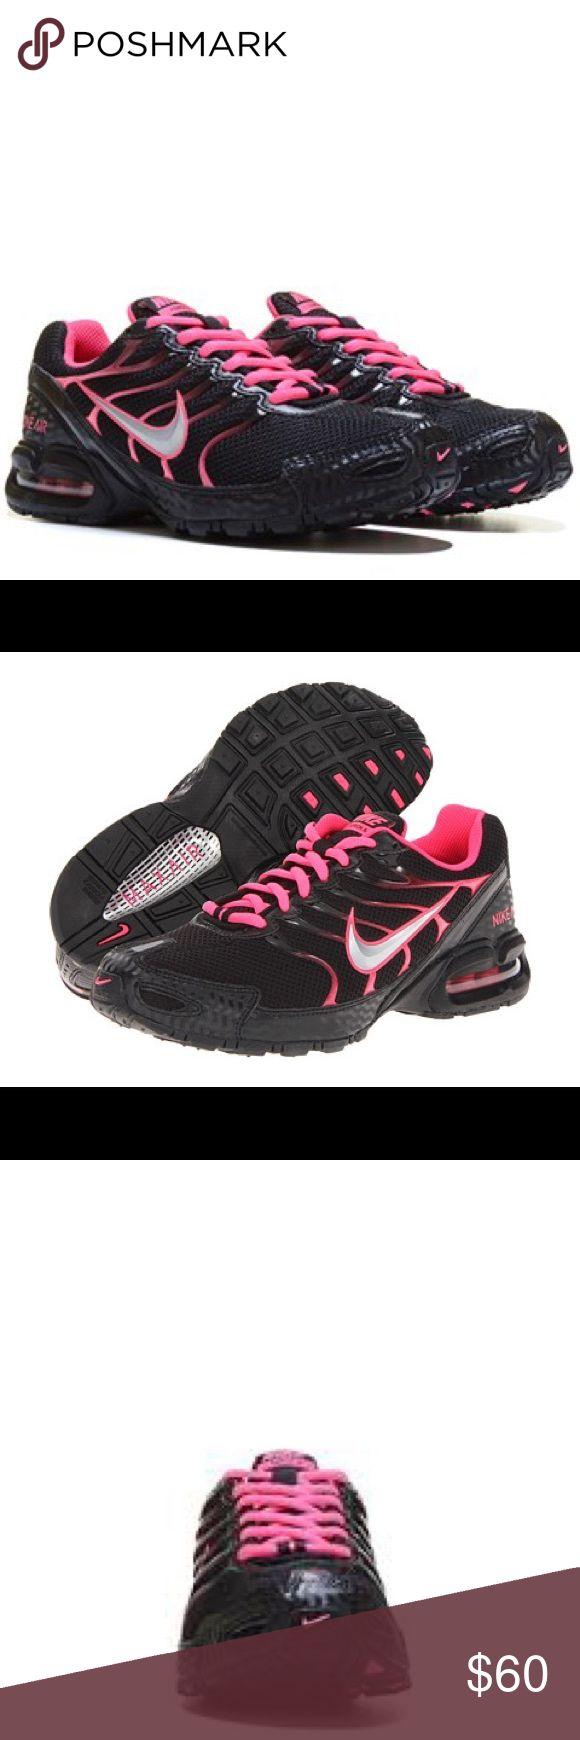 Nike air max torch 4 running shoe - Nike Air Max Torch 4 Brand New Black And Pink Nike Air Max Torch 4